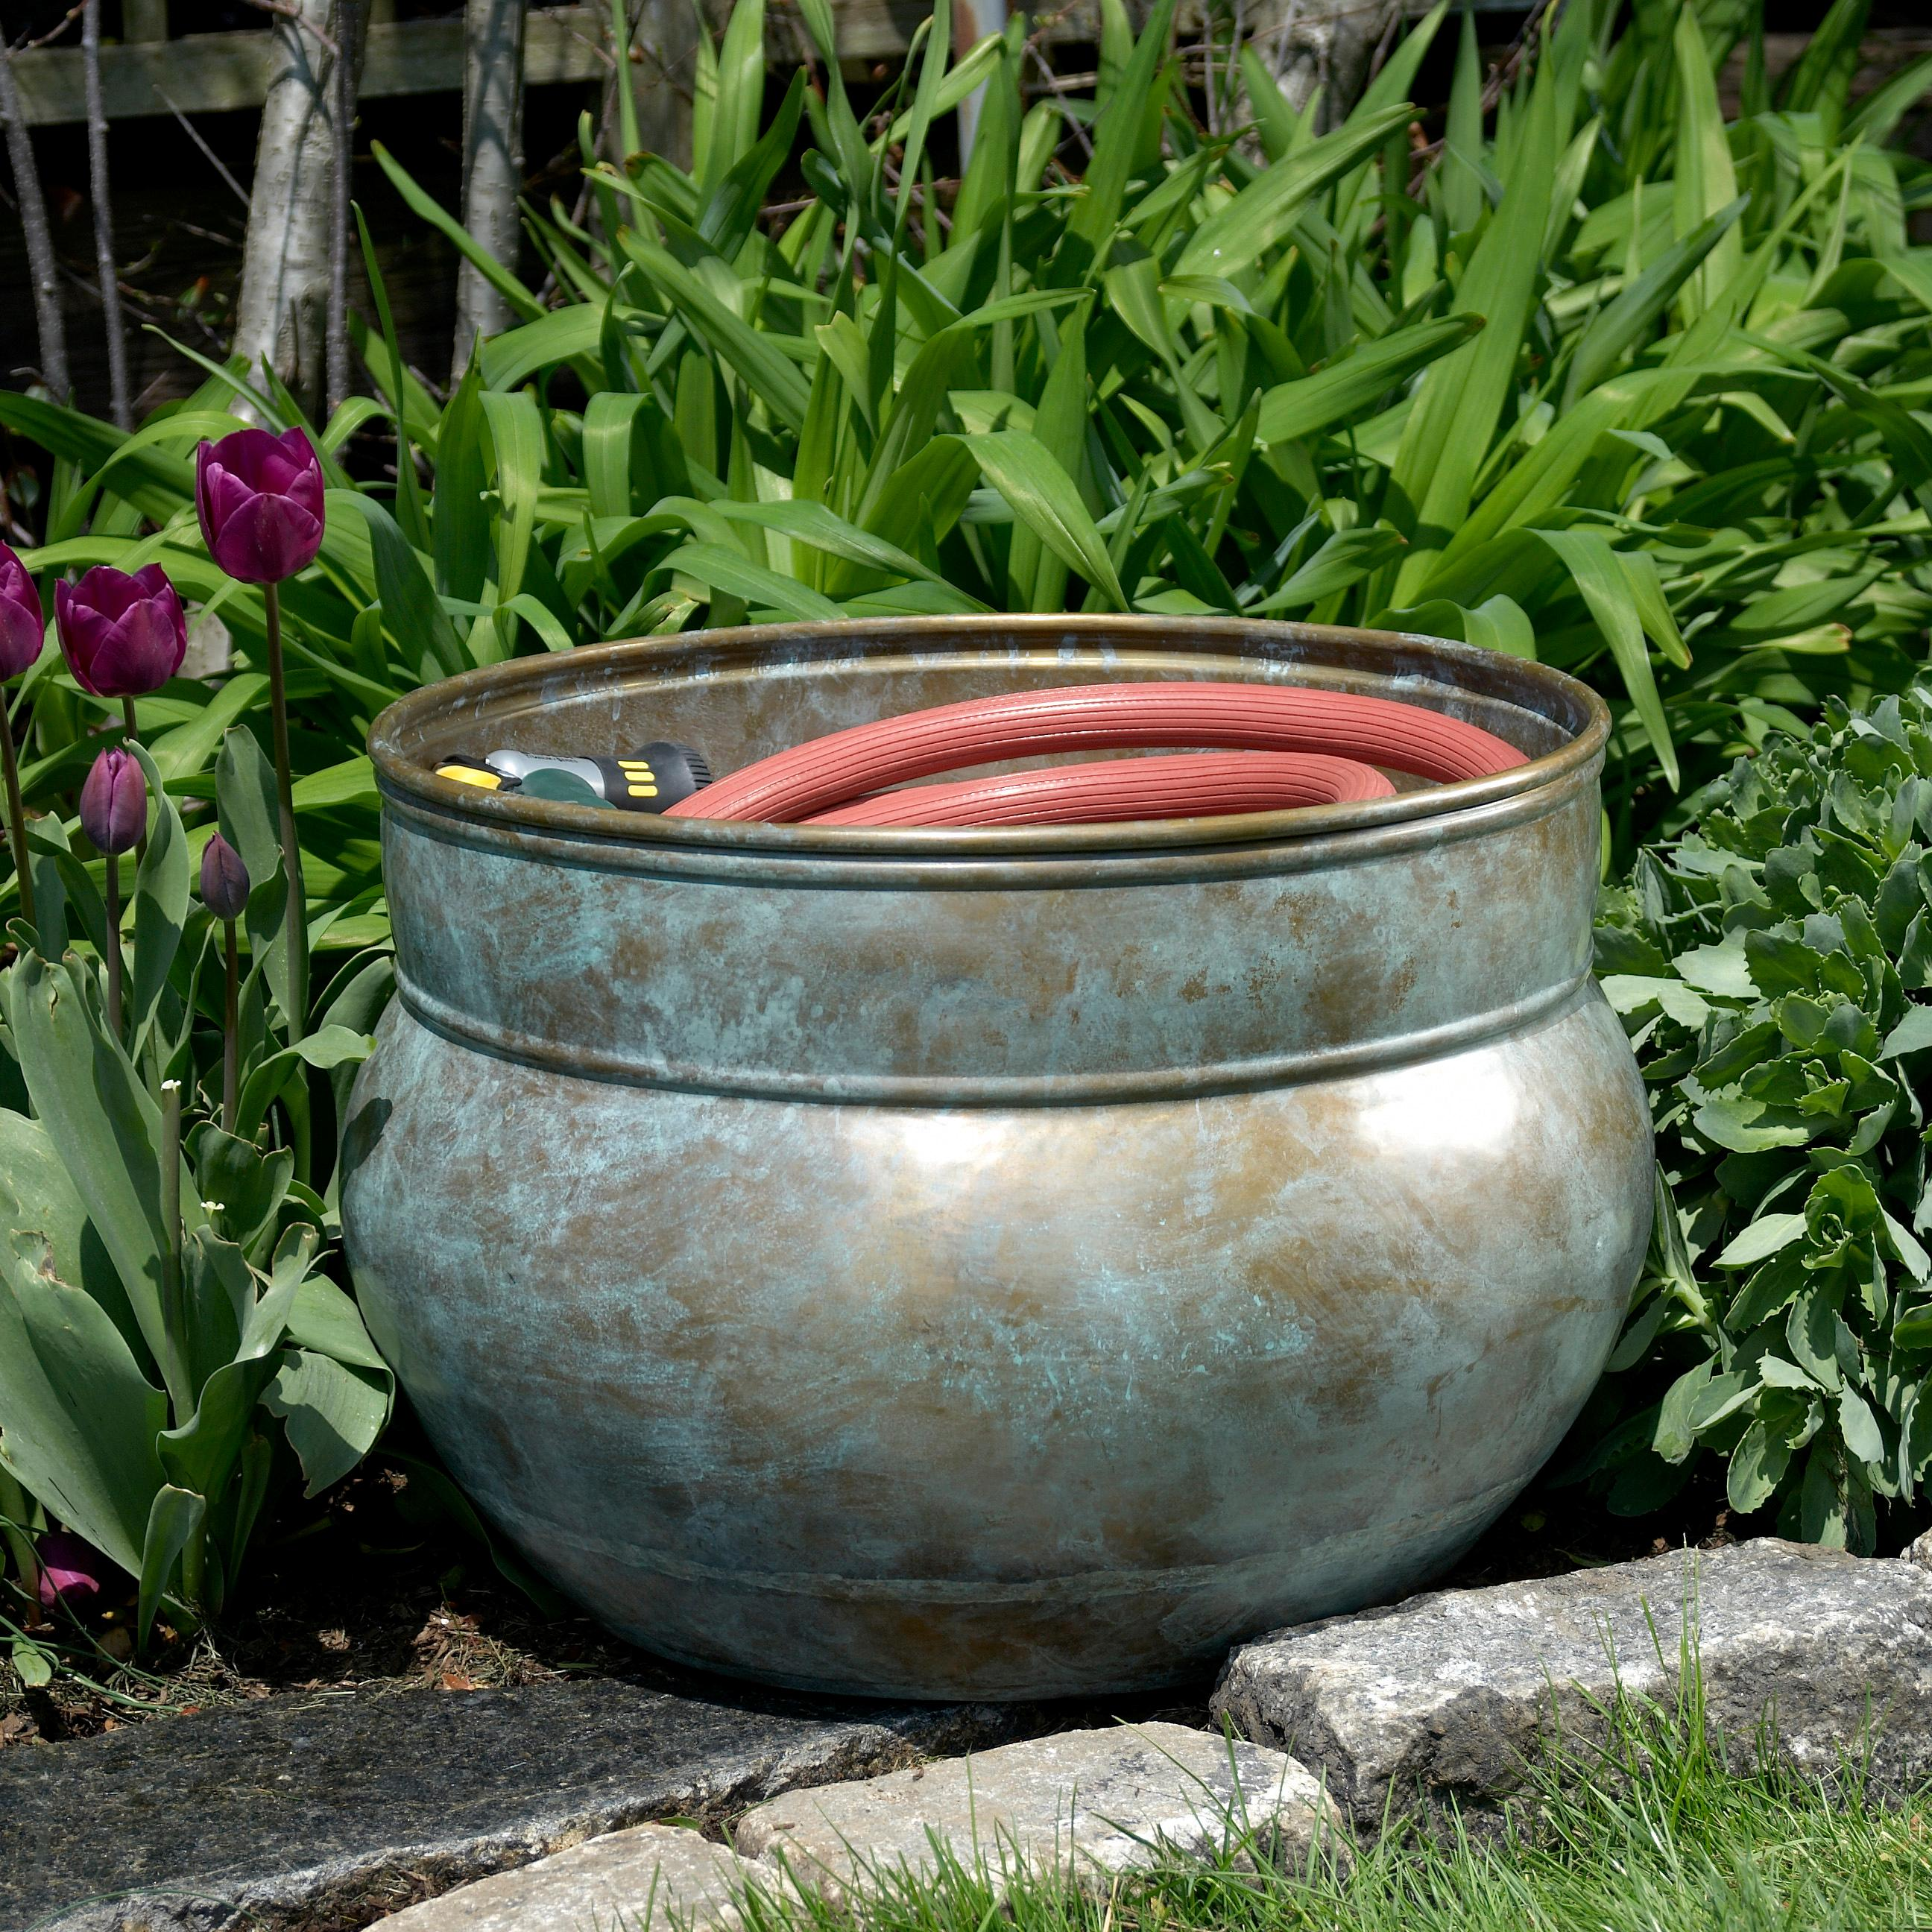 Hose Pot, Holds Up To 150-Feet of Hose, Brass : Garden Hose Parts